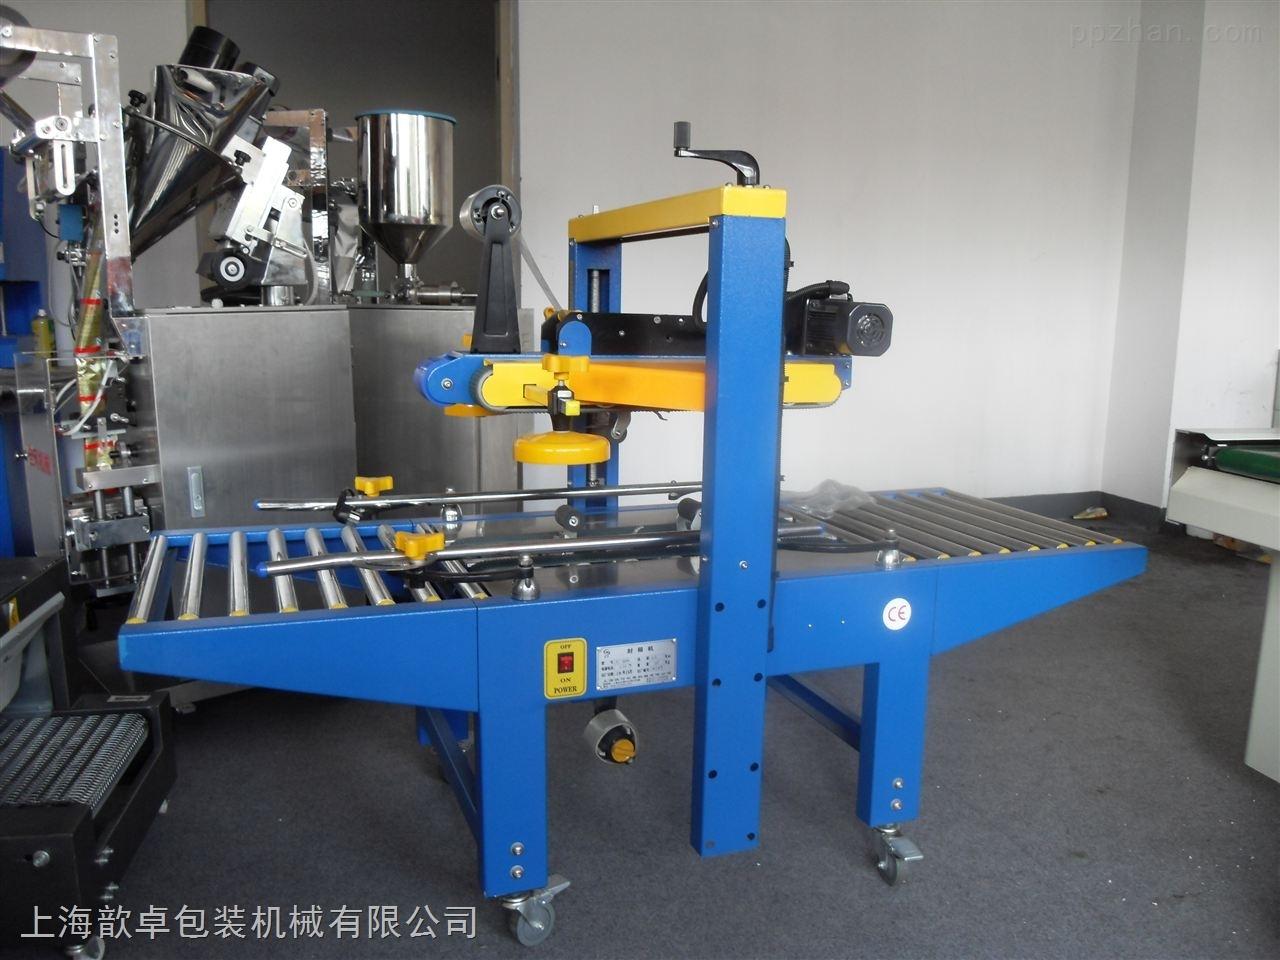 上海厂家直销上下驱动封箱机  适用于食品 百货纸箱封箱机